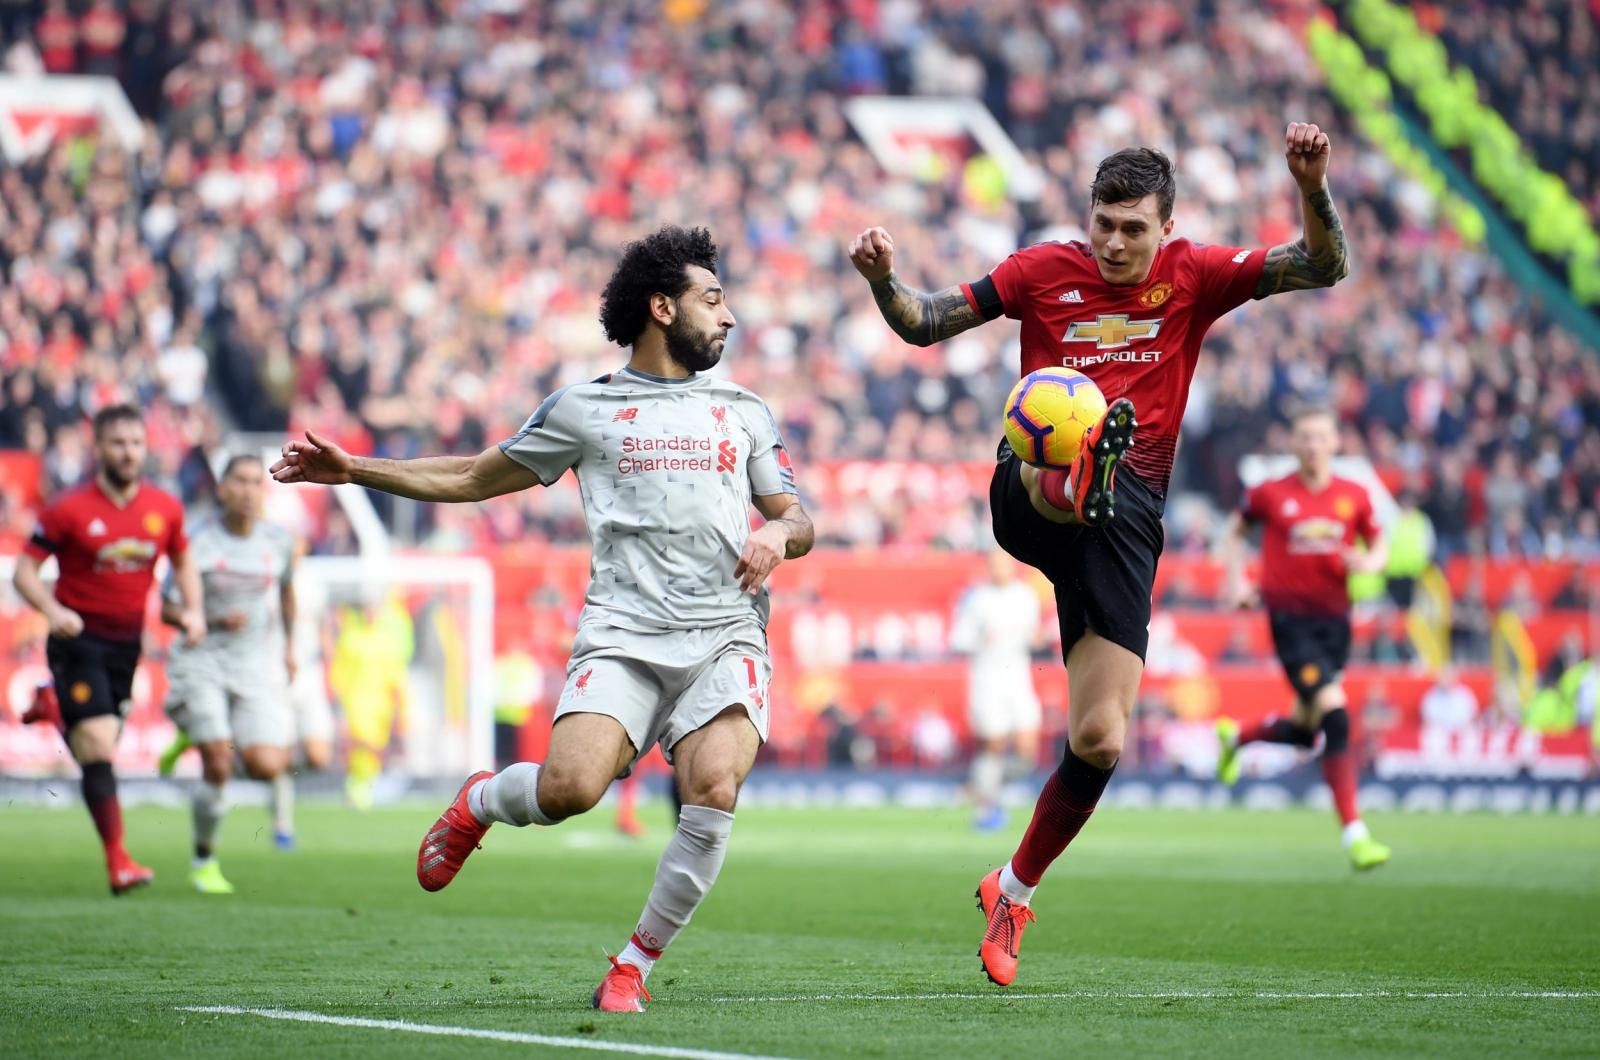 Lịch sử đối đầu Liverpool vs MU trước vòng 19 Ngoại hạng Anh